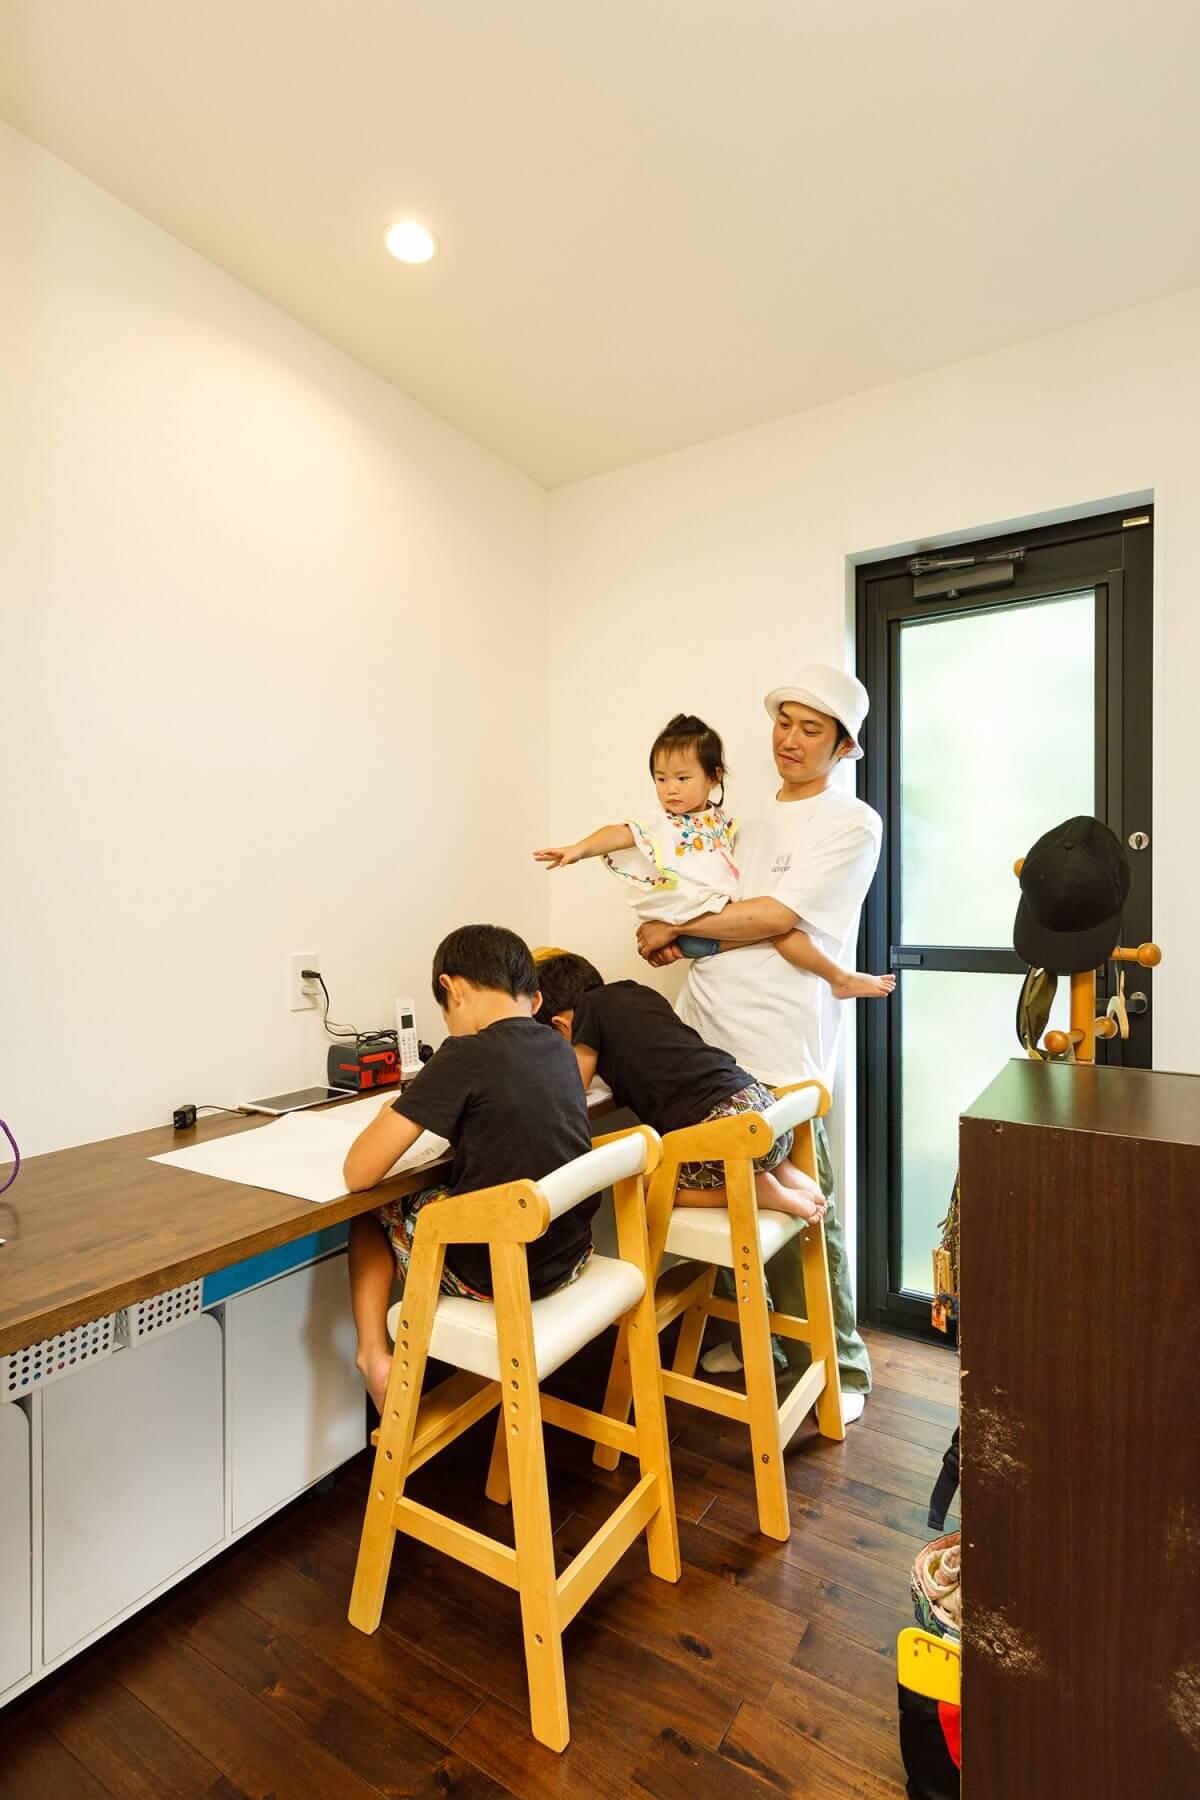 キッチンの脇には、子どもたちの勉強コーナーにもなる、多目的カウンターを設置。リビングからも程よく見える位置にあり、子供たちも安心感に包まれながら勉強ができます。